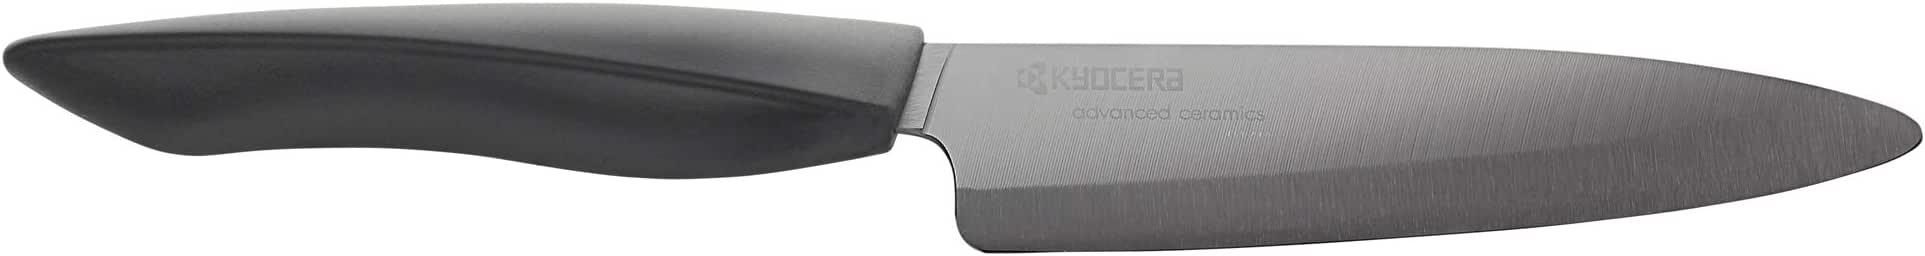 Keramik Küchenmesser FOREVER Universalmesser 16 cm Kunststoff-Griff